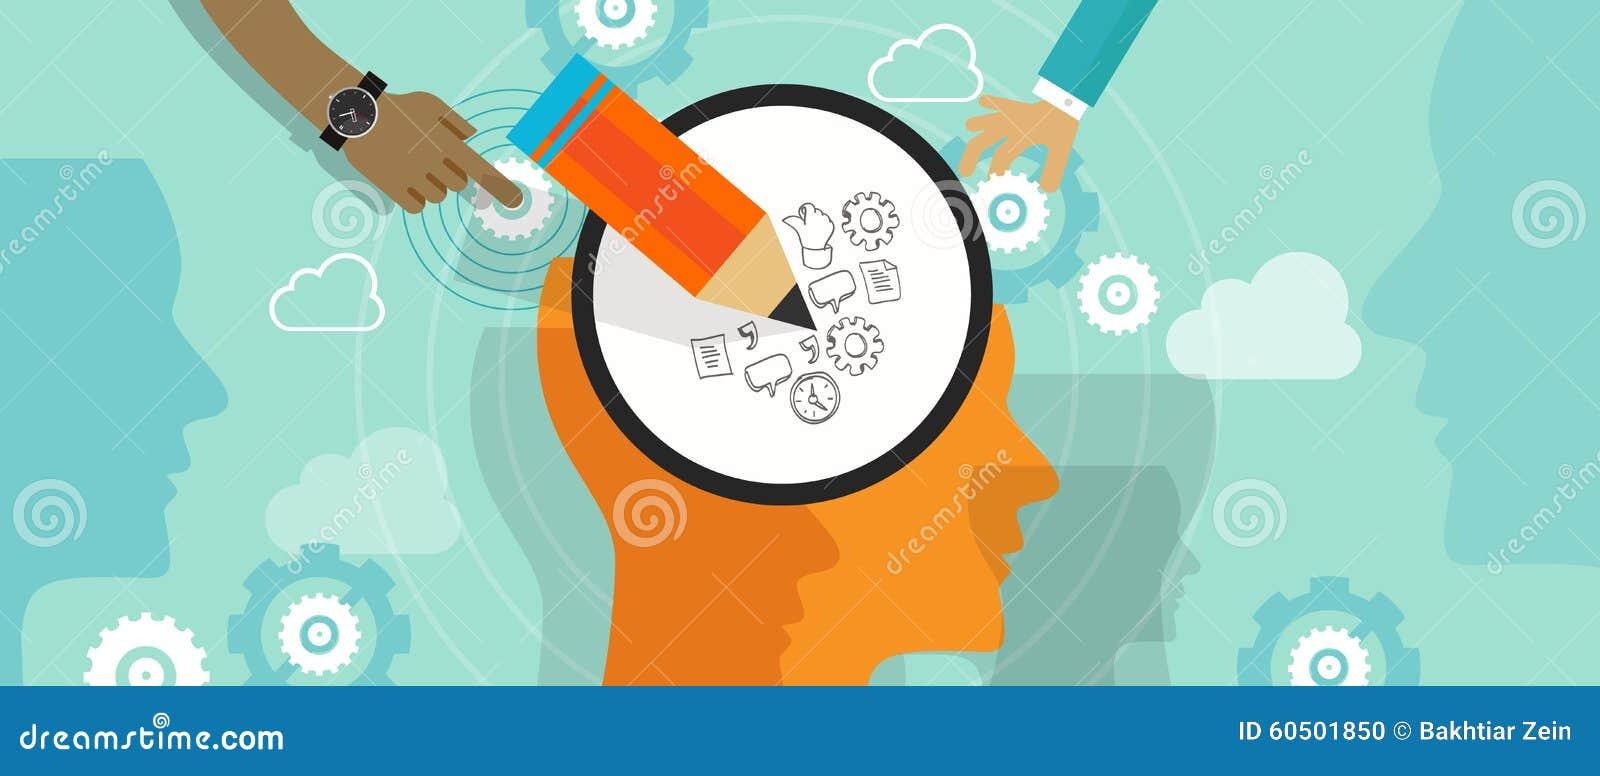 Projete rabiscar principal de pensamento da ideia da faculdade criadora criativa do cérebro da mente do processo da esquerda à di